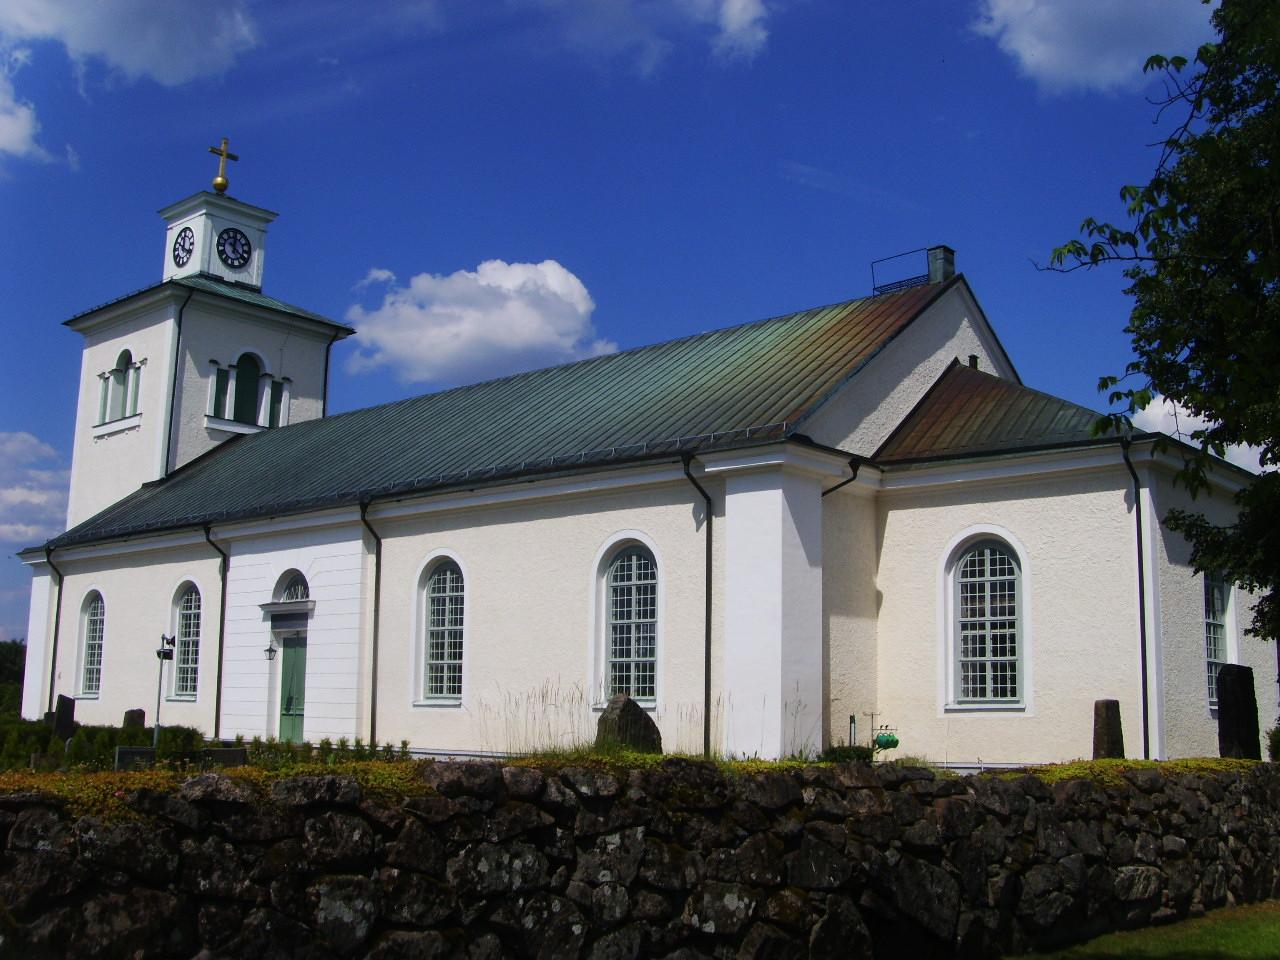 Fil:Mlilla-Grdveda kyrka i juli mnad 2009, bild unam.net